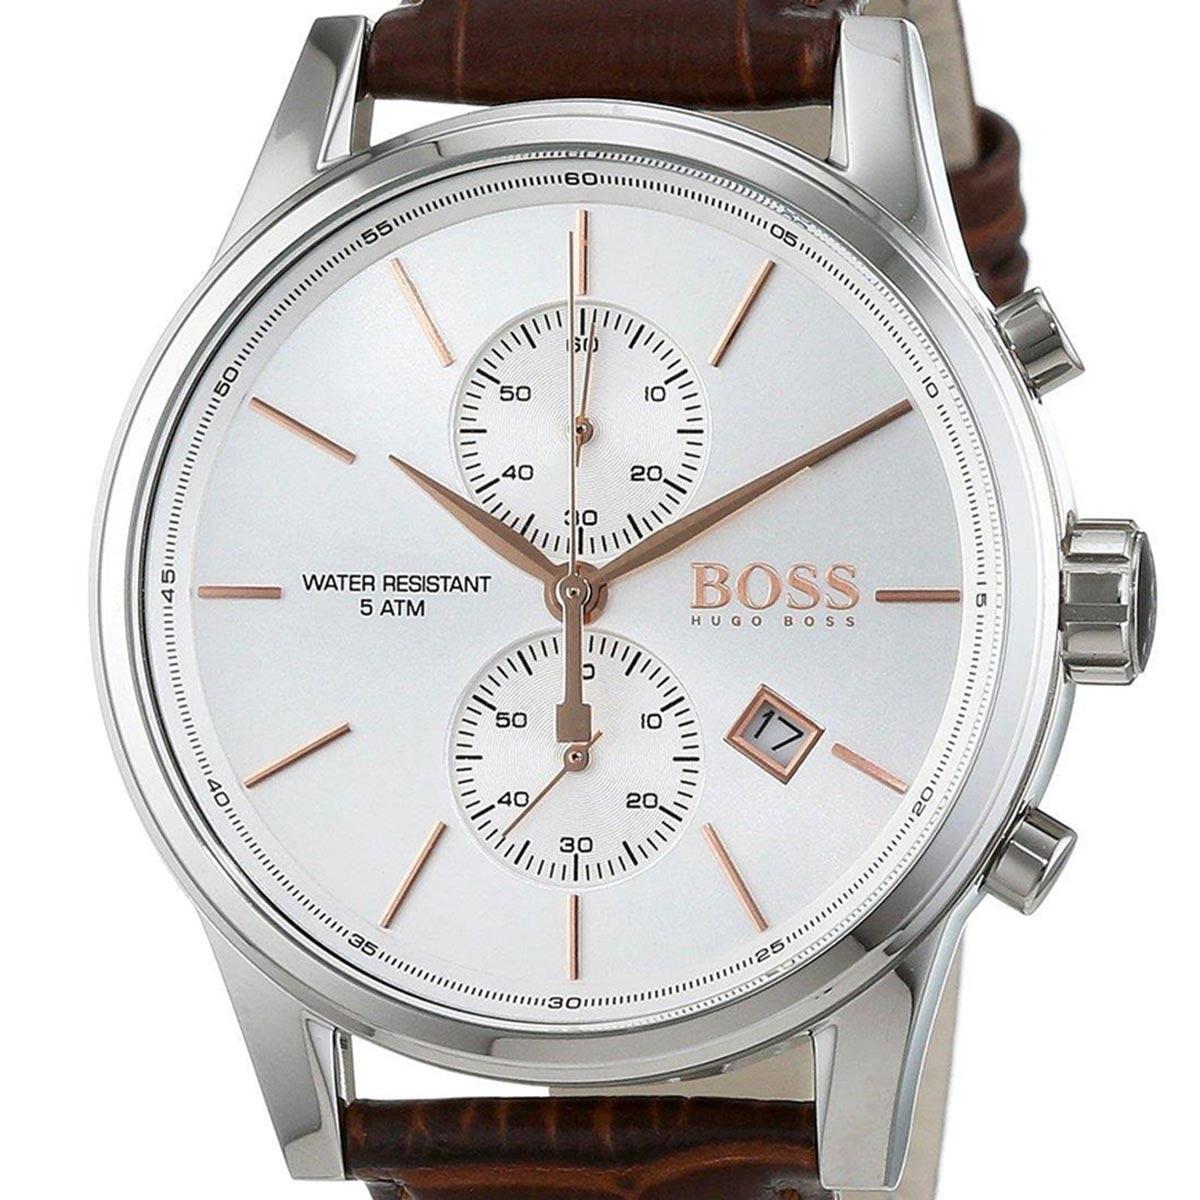 【残り1点】HUGOBOSS ヒューゴ・ボス 電池式クォーツ 腕時計 [1513280] 並行輸入品 カレンダー クロノグラフ